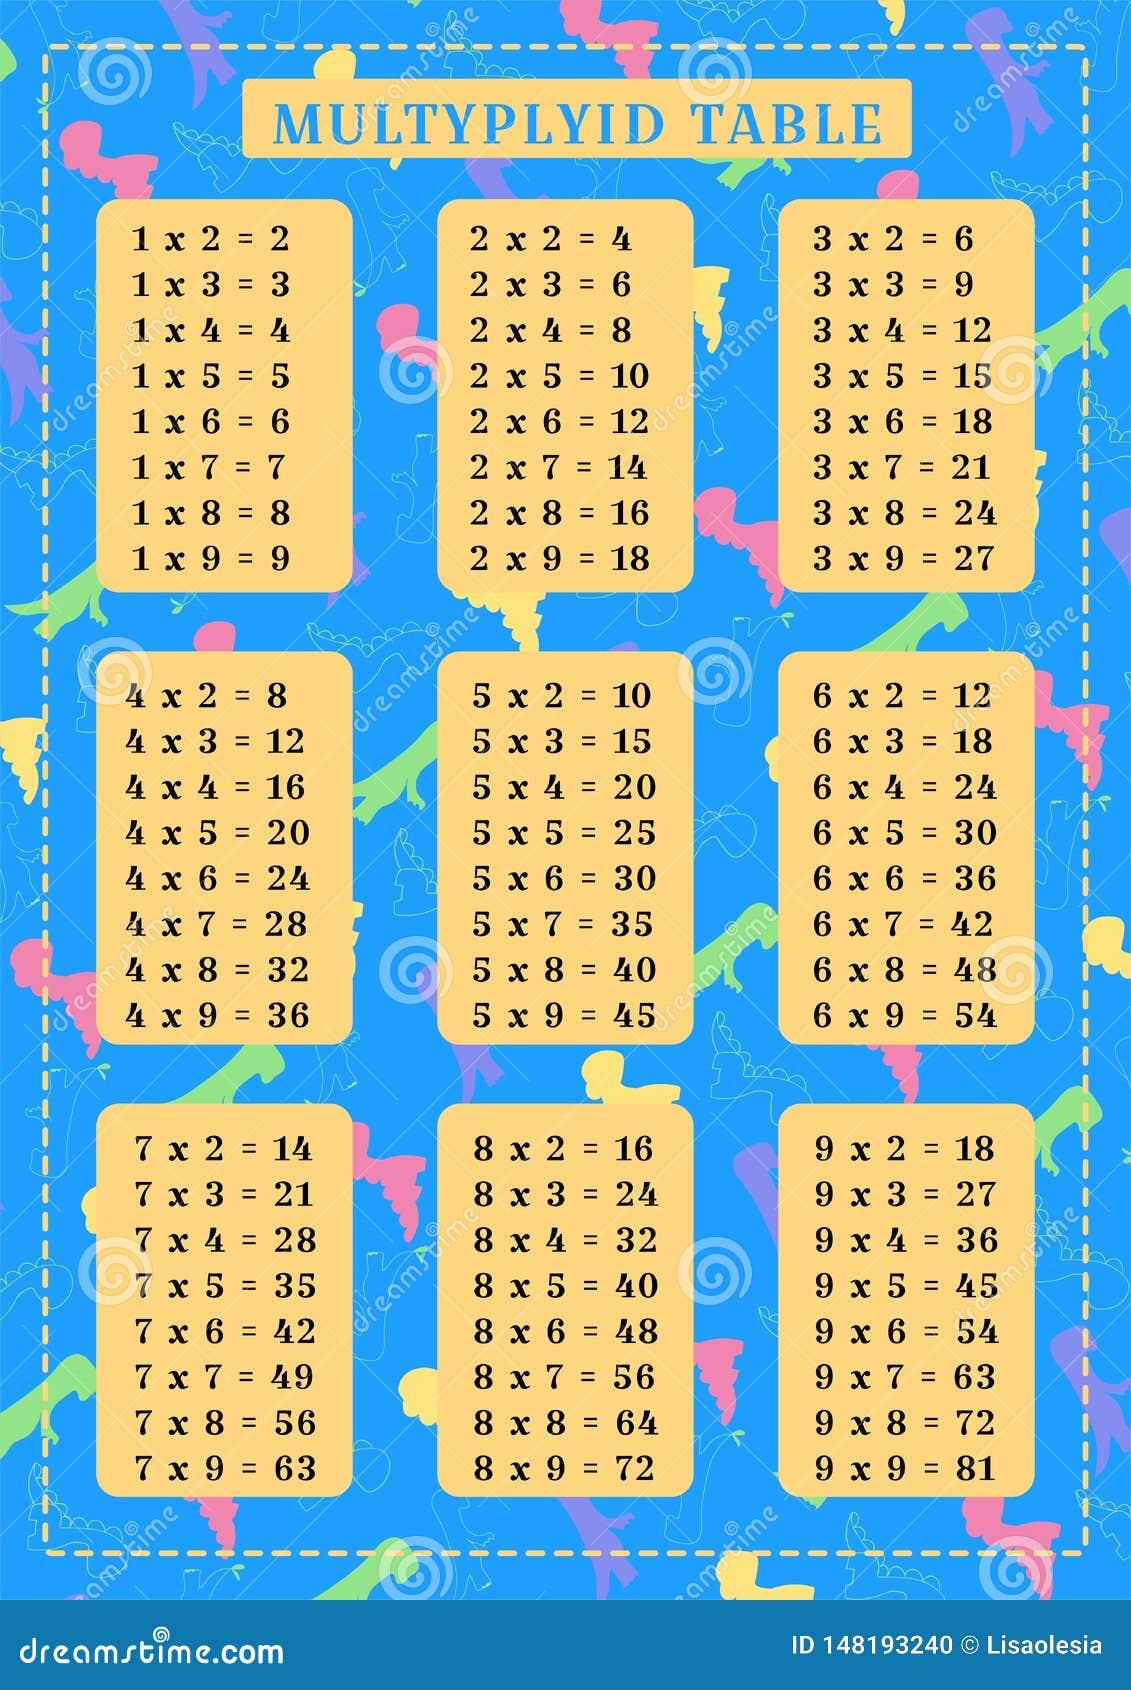 Modele De Dinosaure Et Table De Multiplication Colonnes Sur Un Fond Bleu Avec Des Silhouettes De Dino Illustration De Vecteur Illustration Du Bleu Fond 148193240